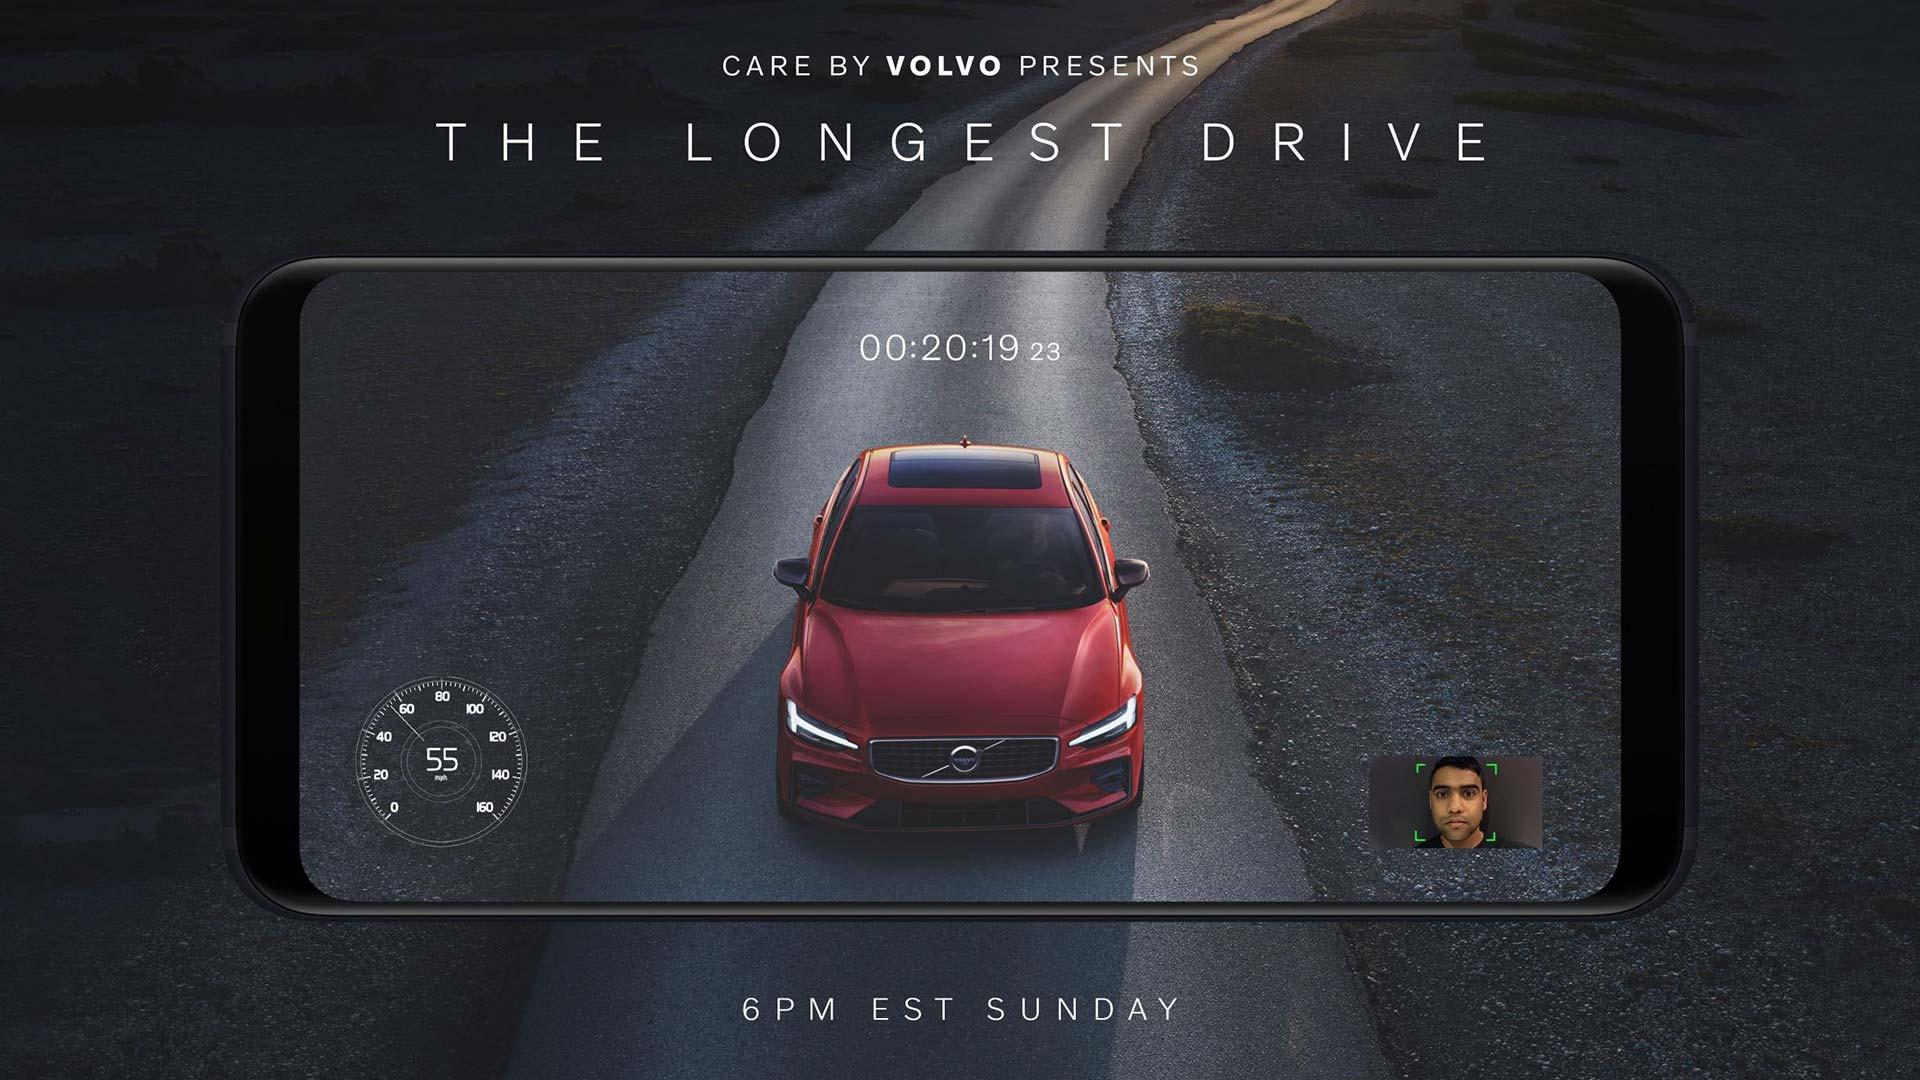 Win a 2019 Volvo S60 with Super Bowl stare off